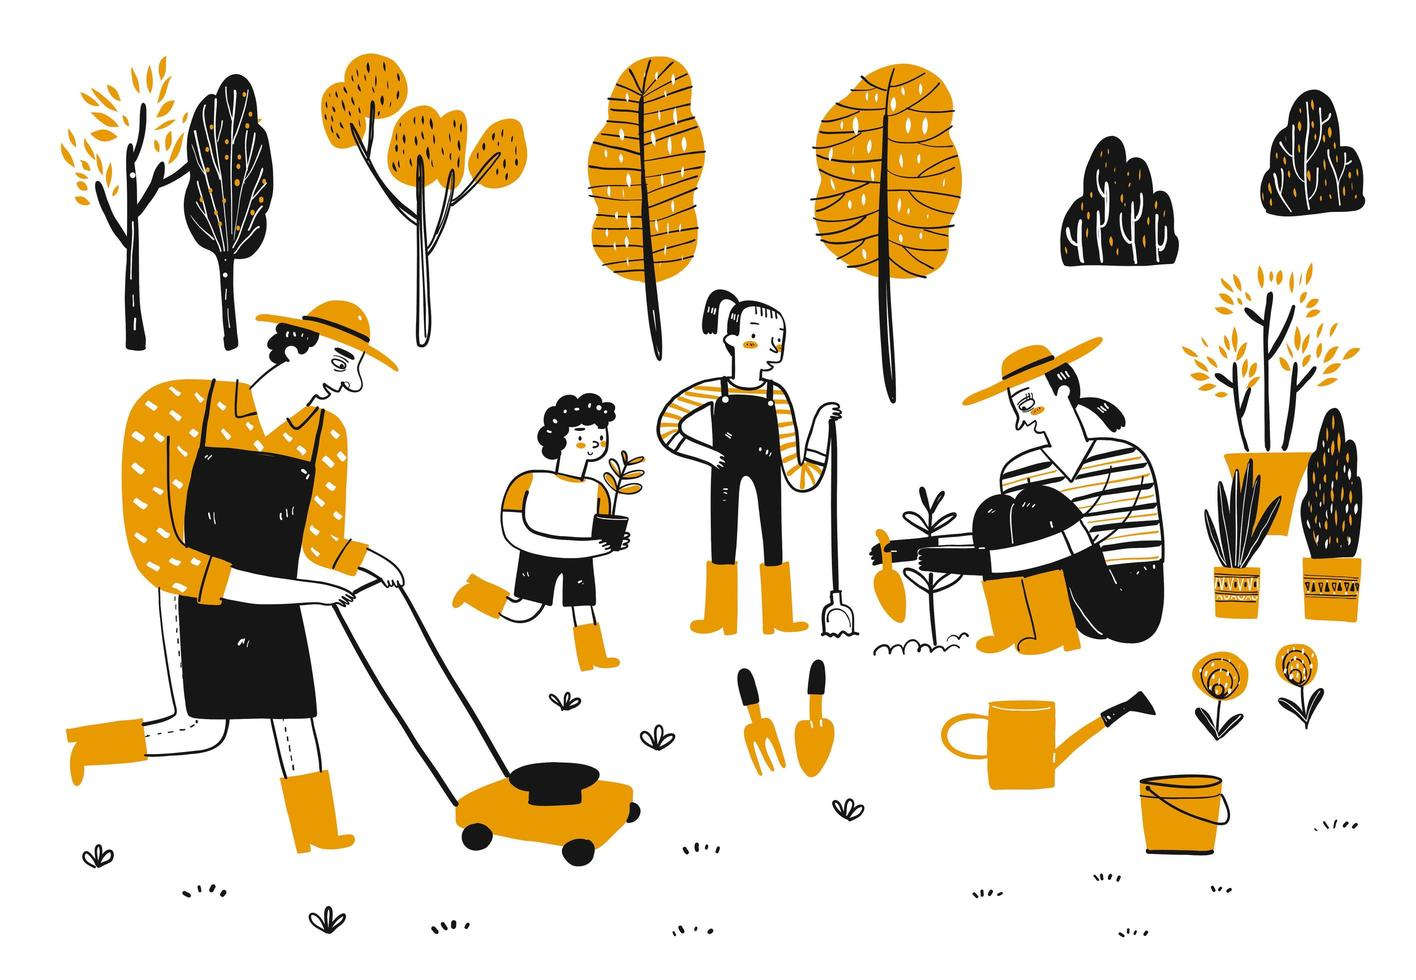 jardinage familial dessiné à la main vecteur